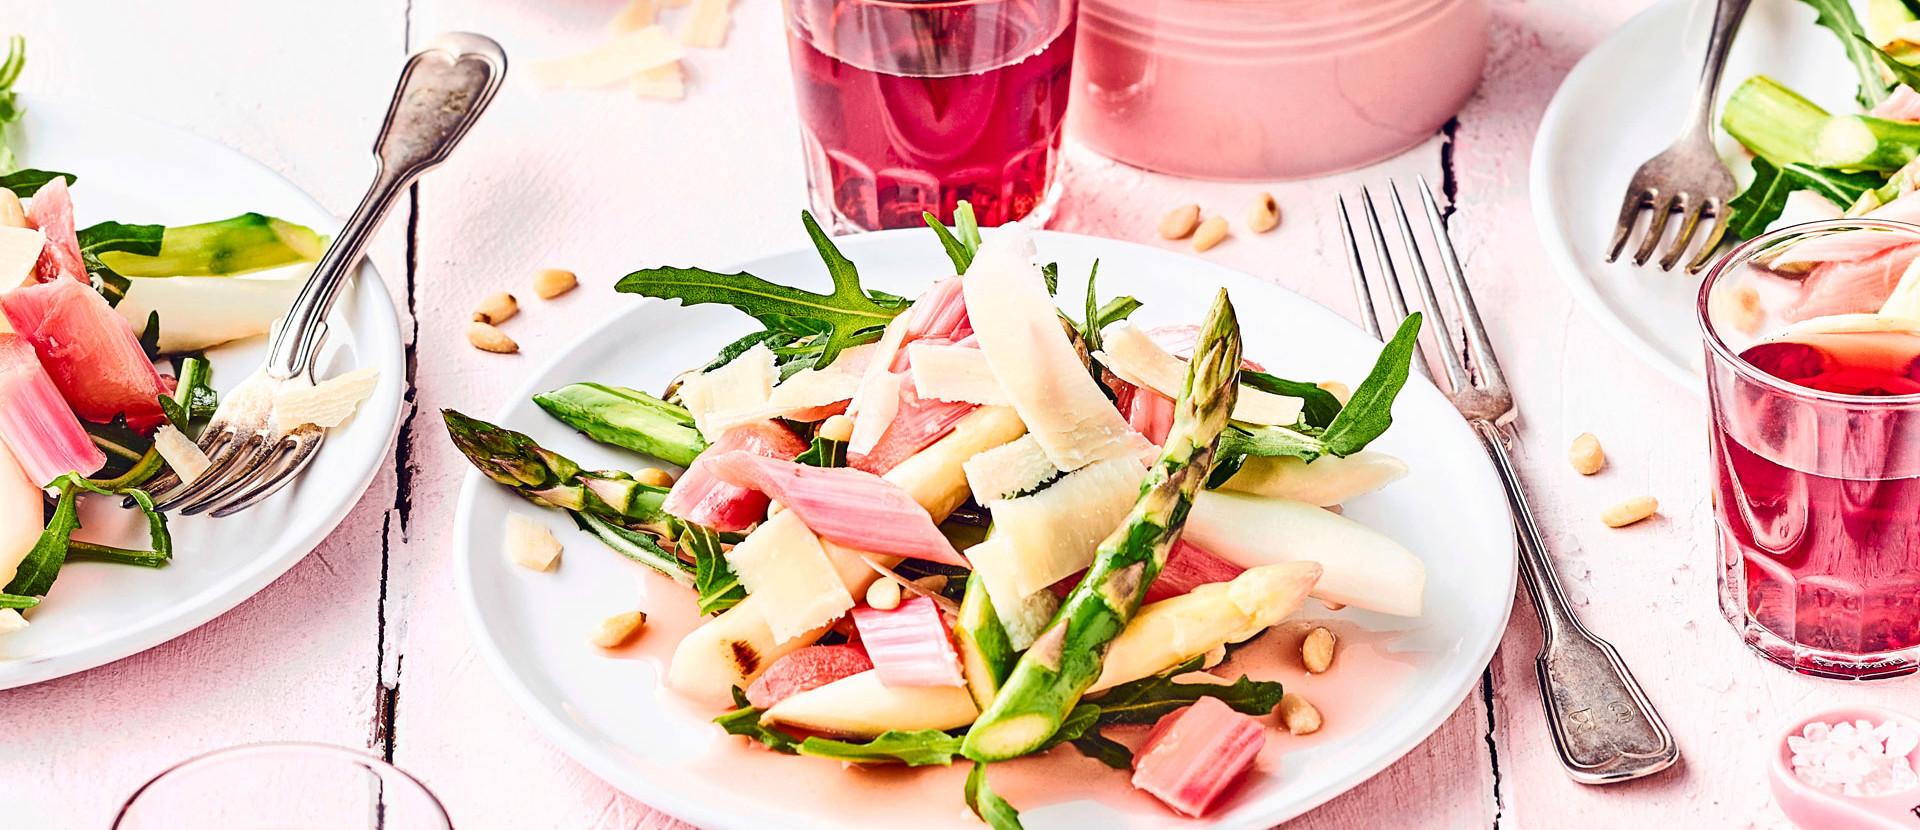 Spargelsalat mit Rucola und Rhabarber-Vinaigrette